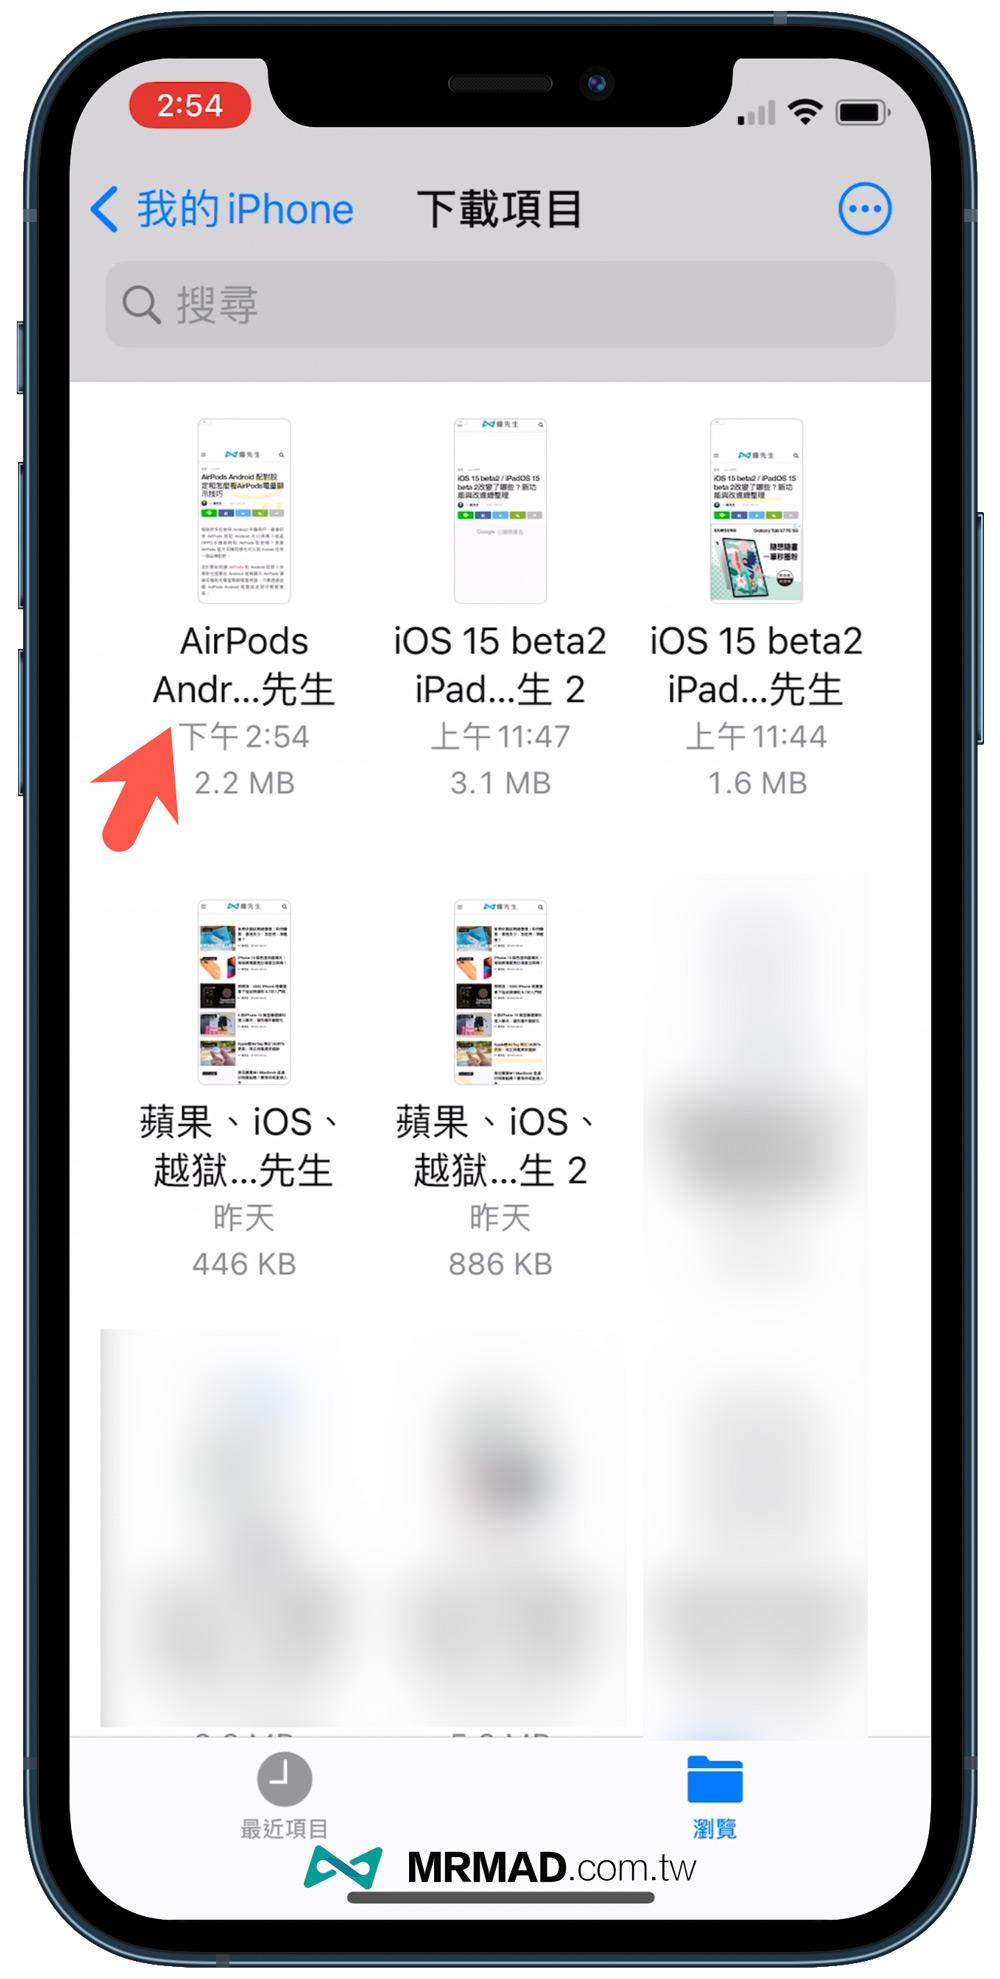 如何用iPhone長截圖?教你一鍵免裝截圖App輕鬆實現5